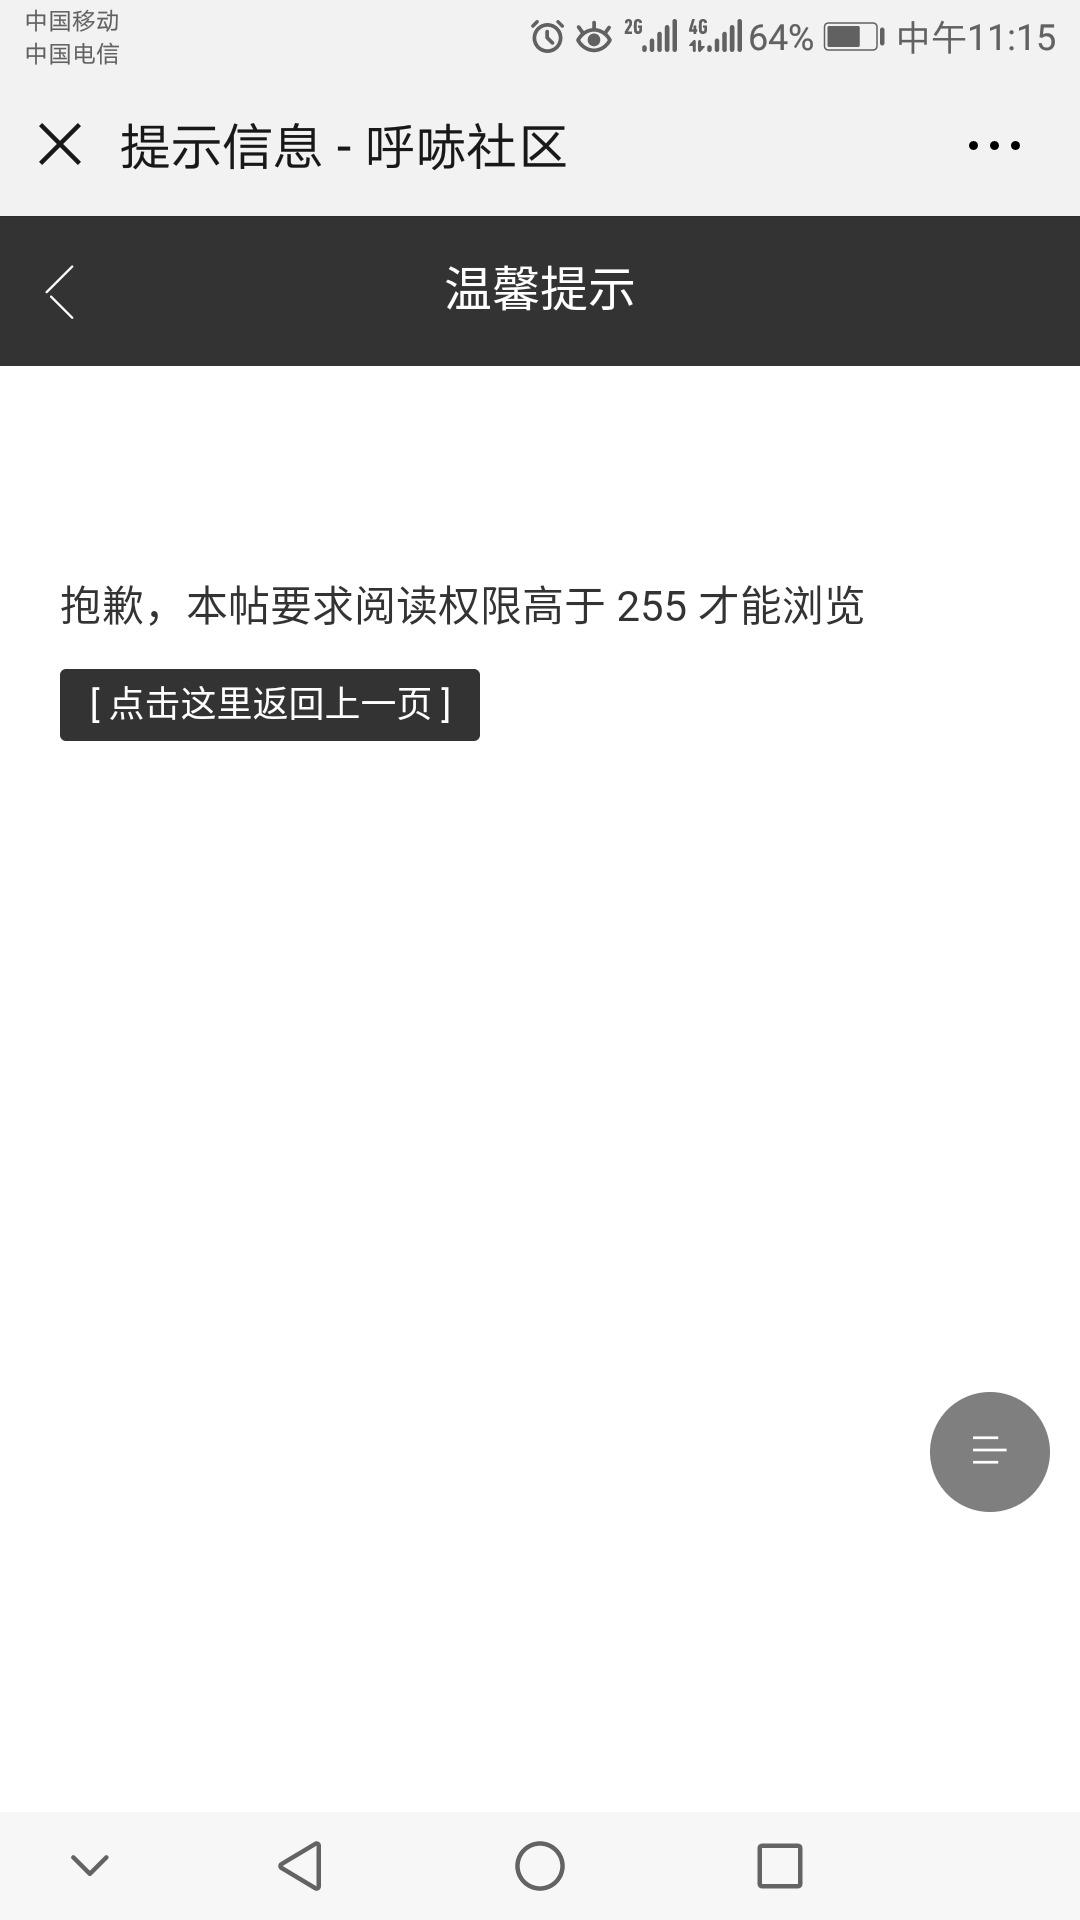 Screenshot_20190402-111521.jpg